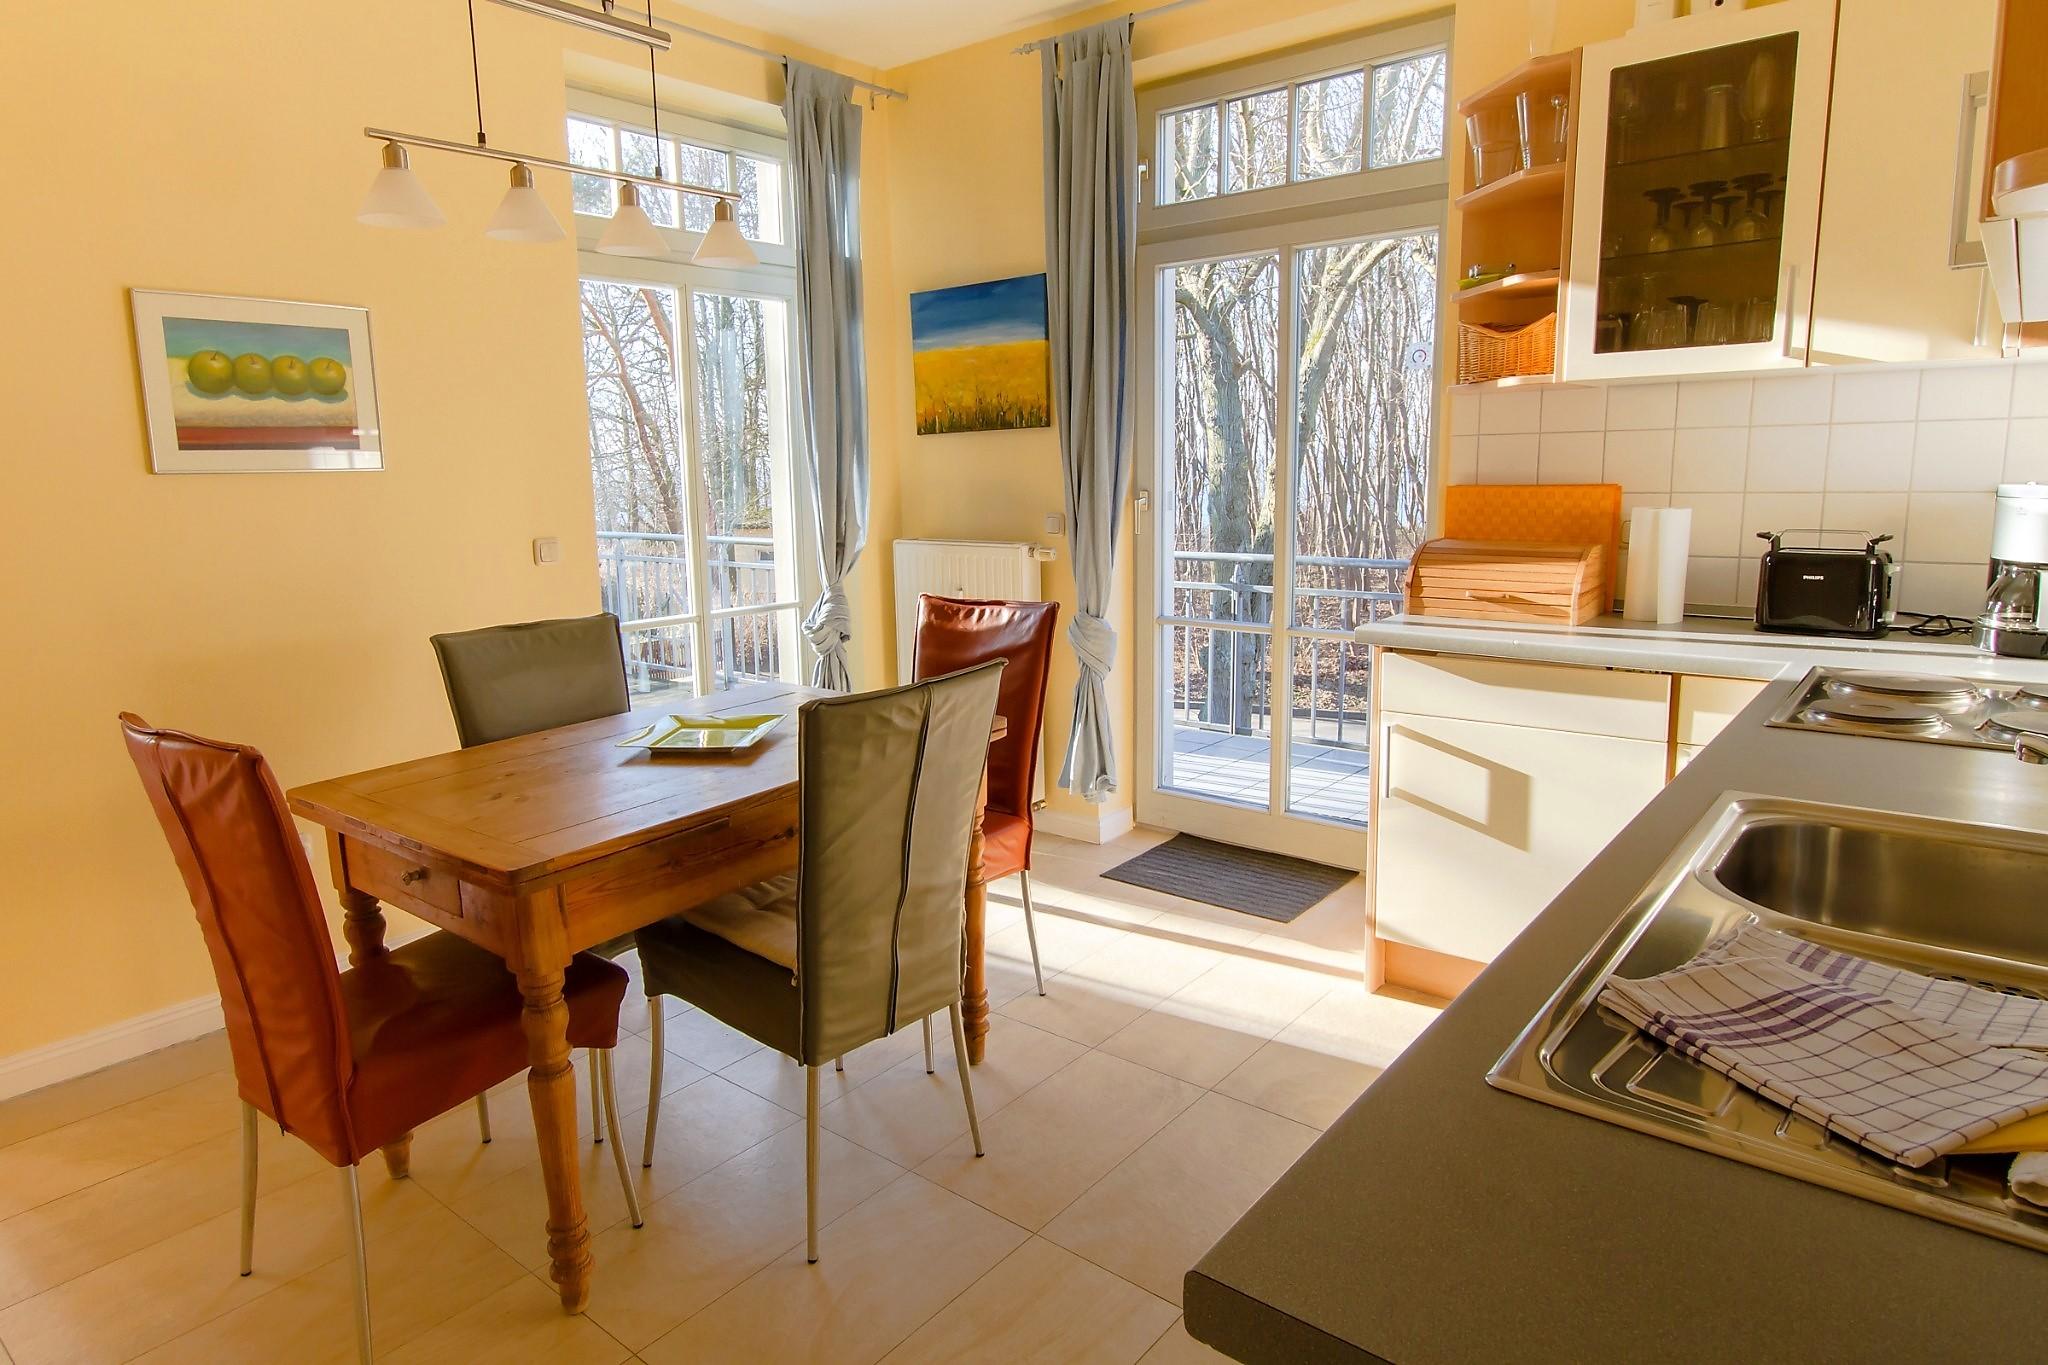 die Küche mit großem, ausziehbarem Esstisch ...